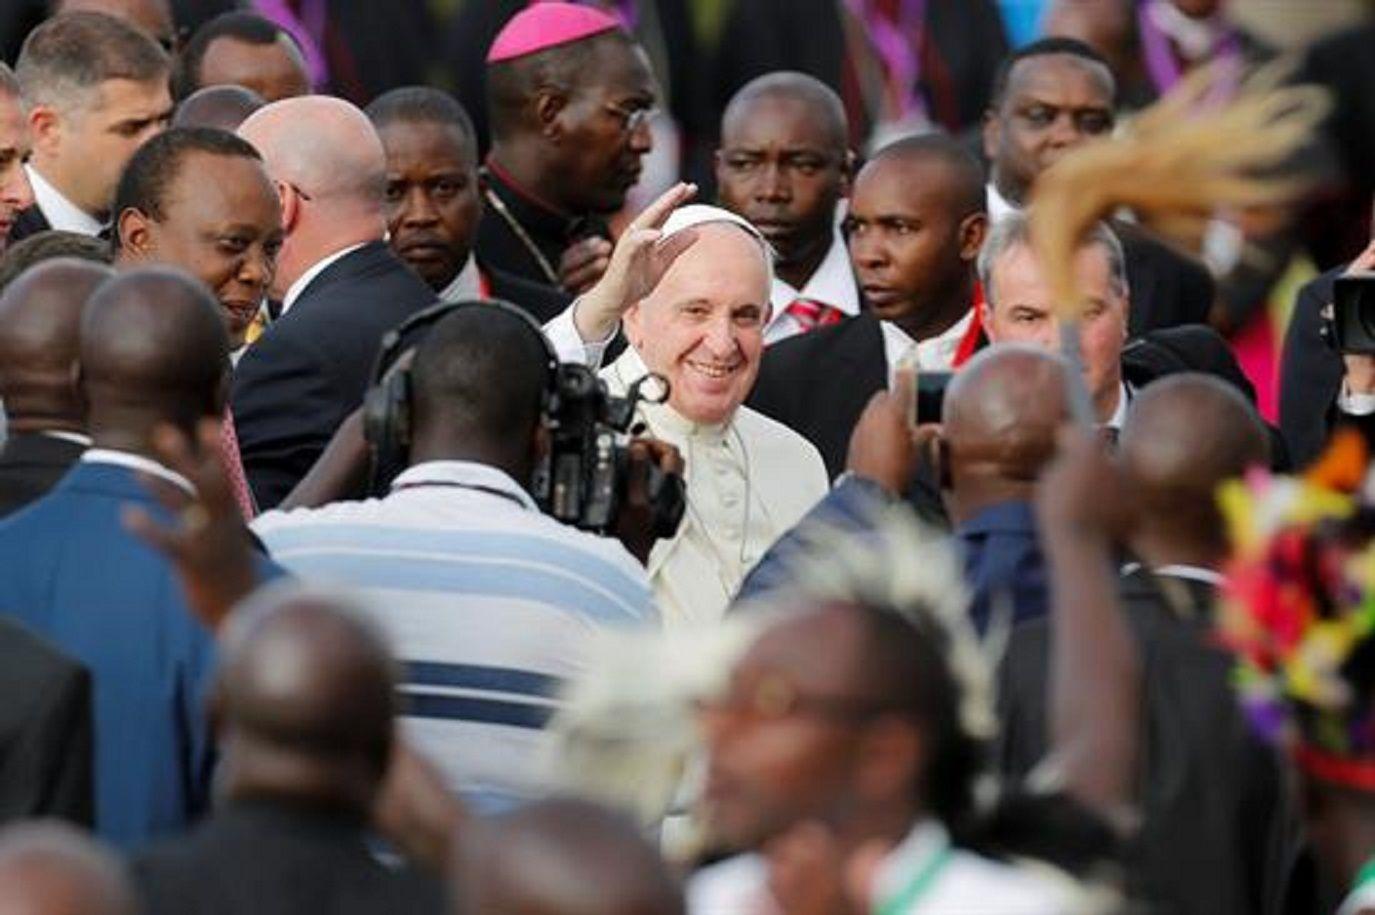 El Papa: El nombre de Dios no puede justificar el odio y la violencia